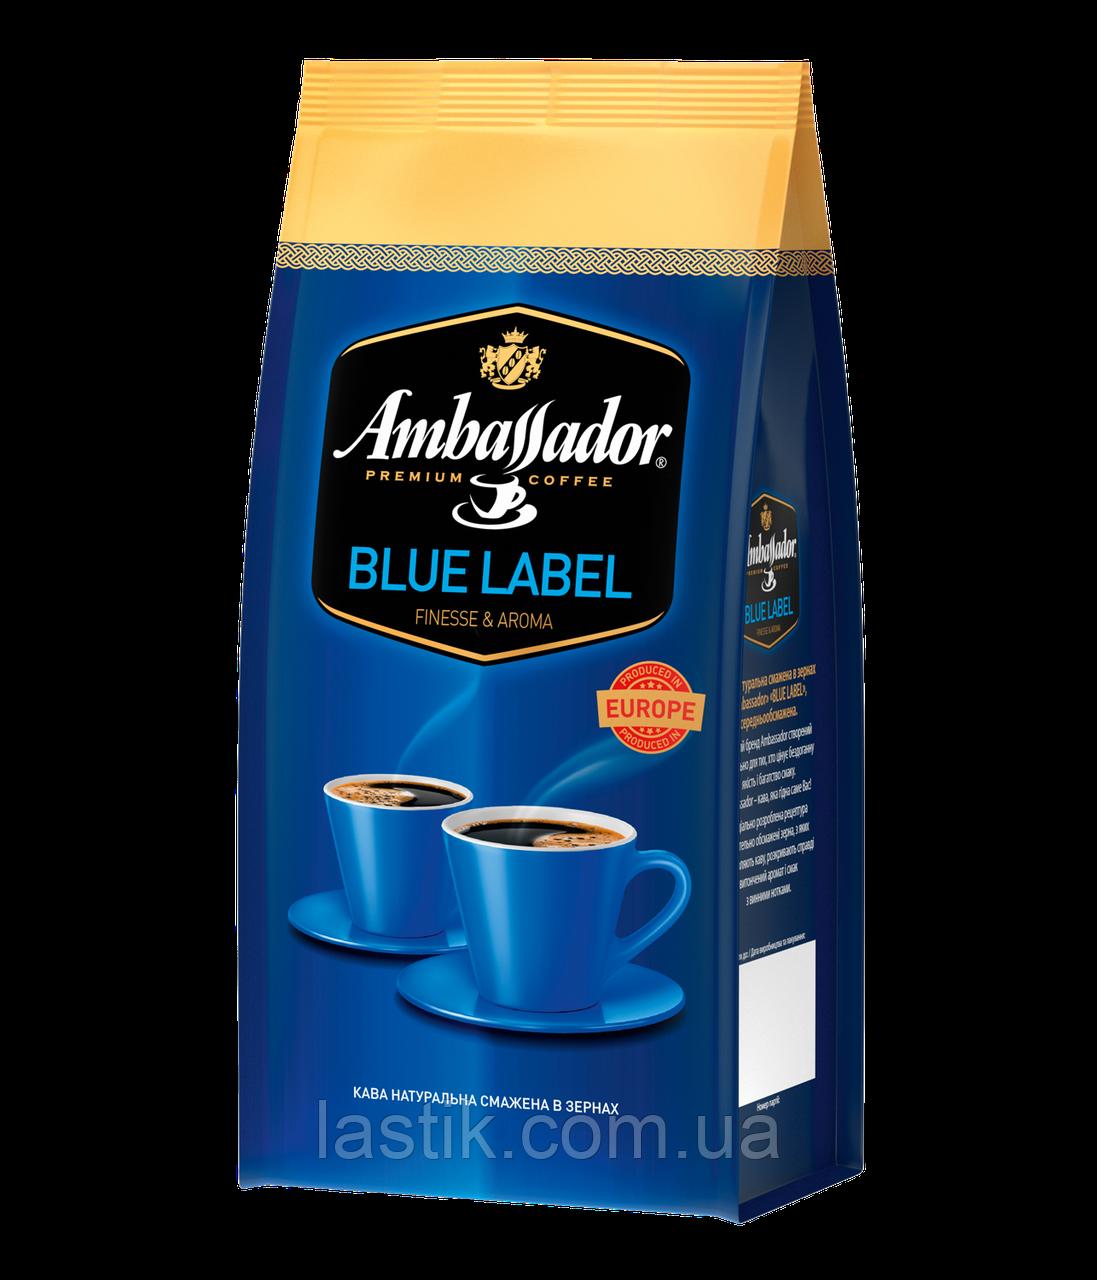 /Кофе в зернах 1000г*6 пакет Blue Label AMBASSADOR (PL)